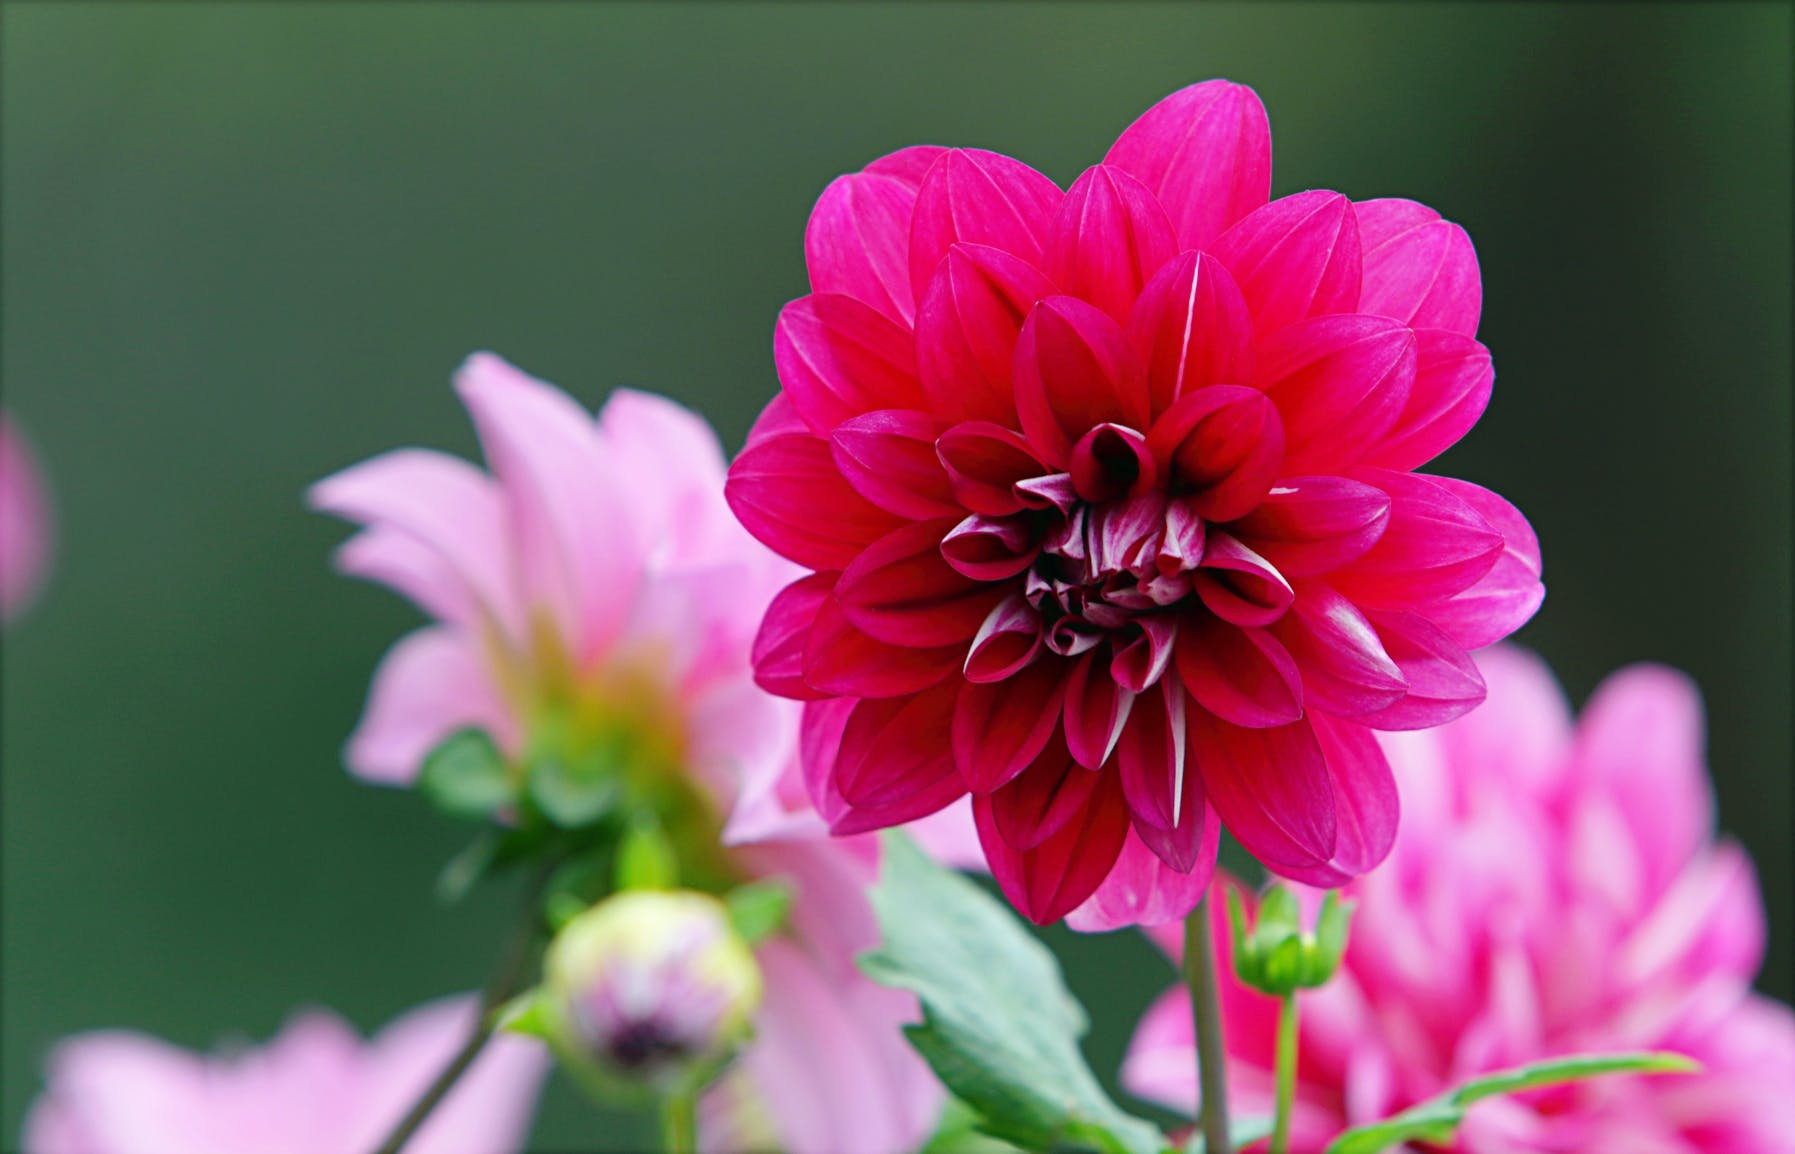 blomster, blomsterknopper, blomstrende